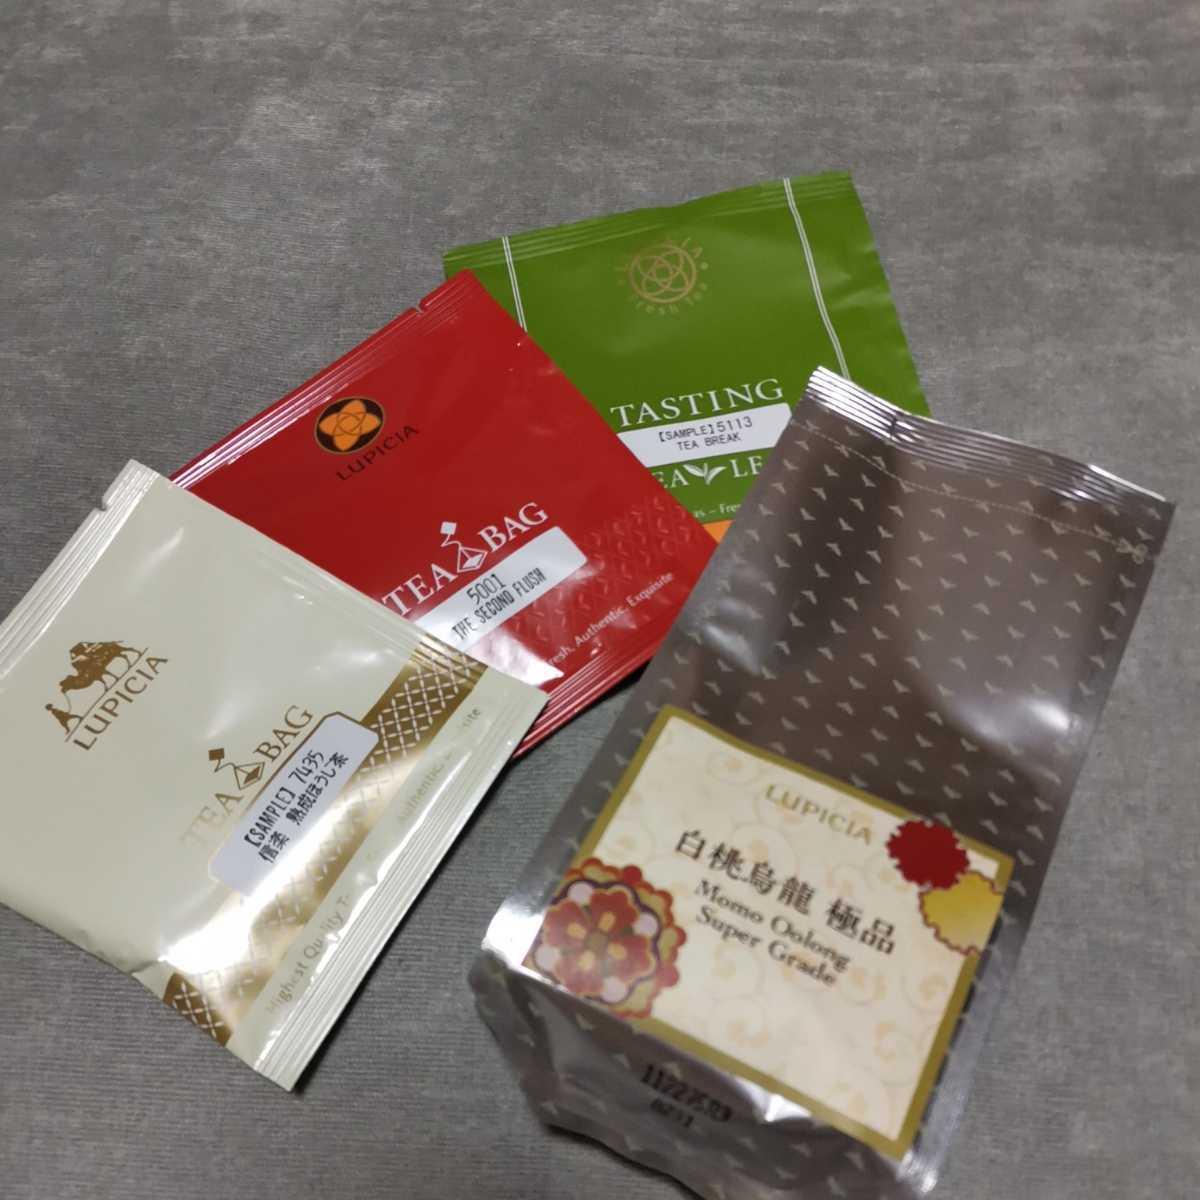 ルピシア 白桃煎茶 極品 信楽 熟成ほうじ茶 ダージリン